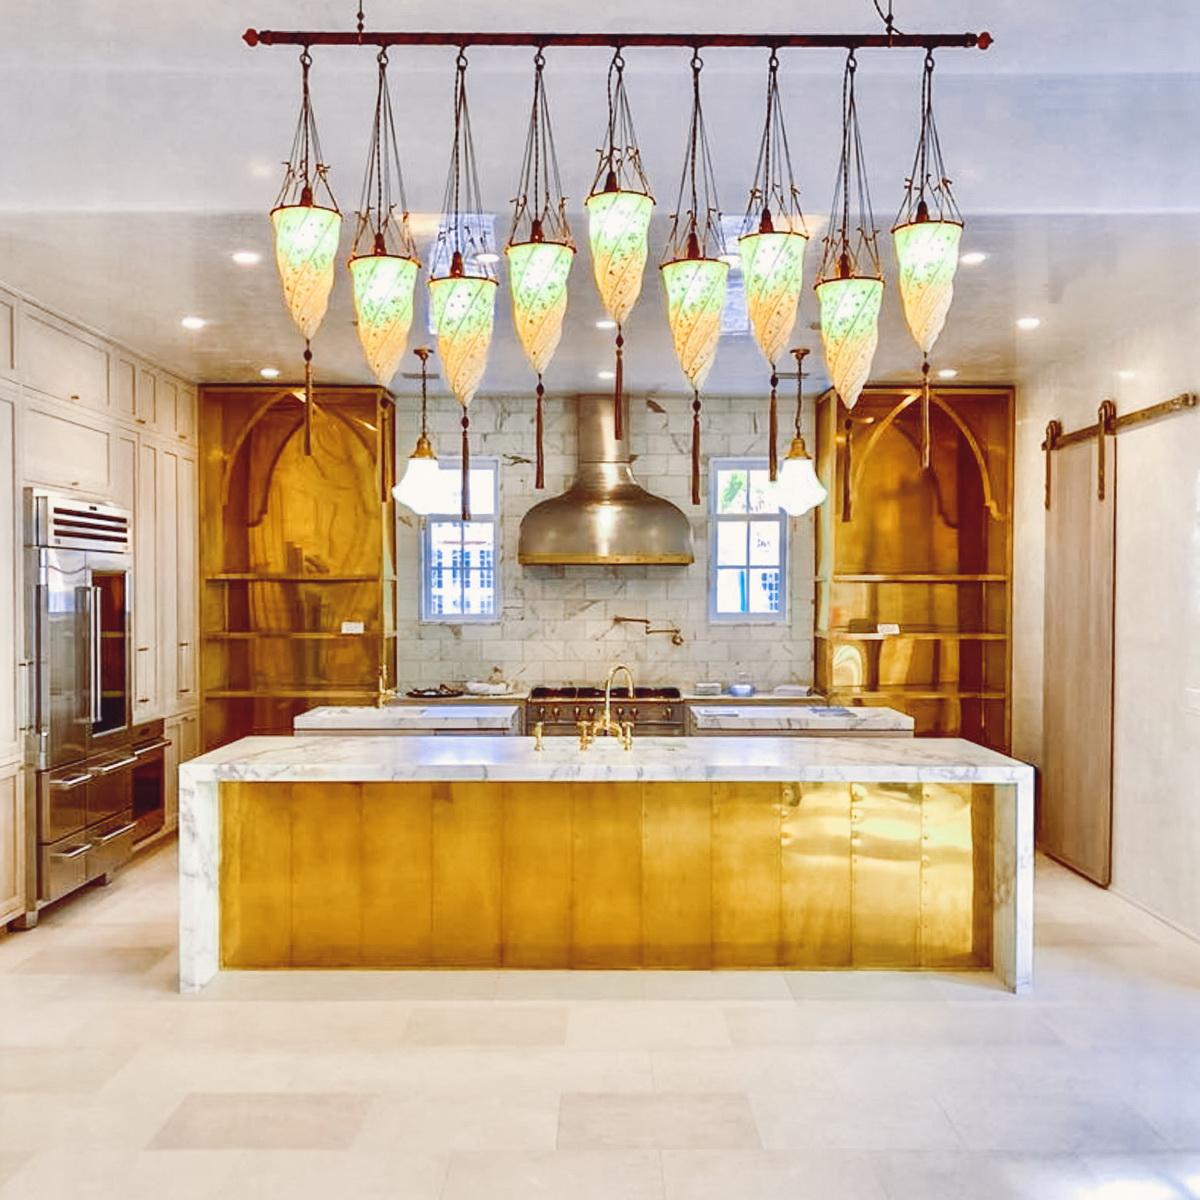 Hotte dorée dans la cuisine